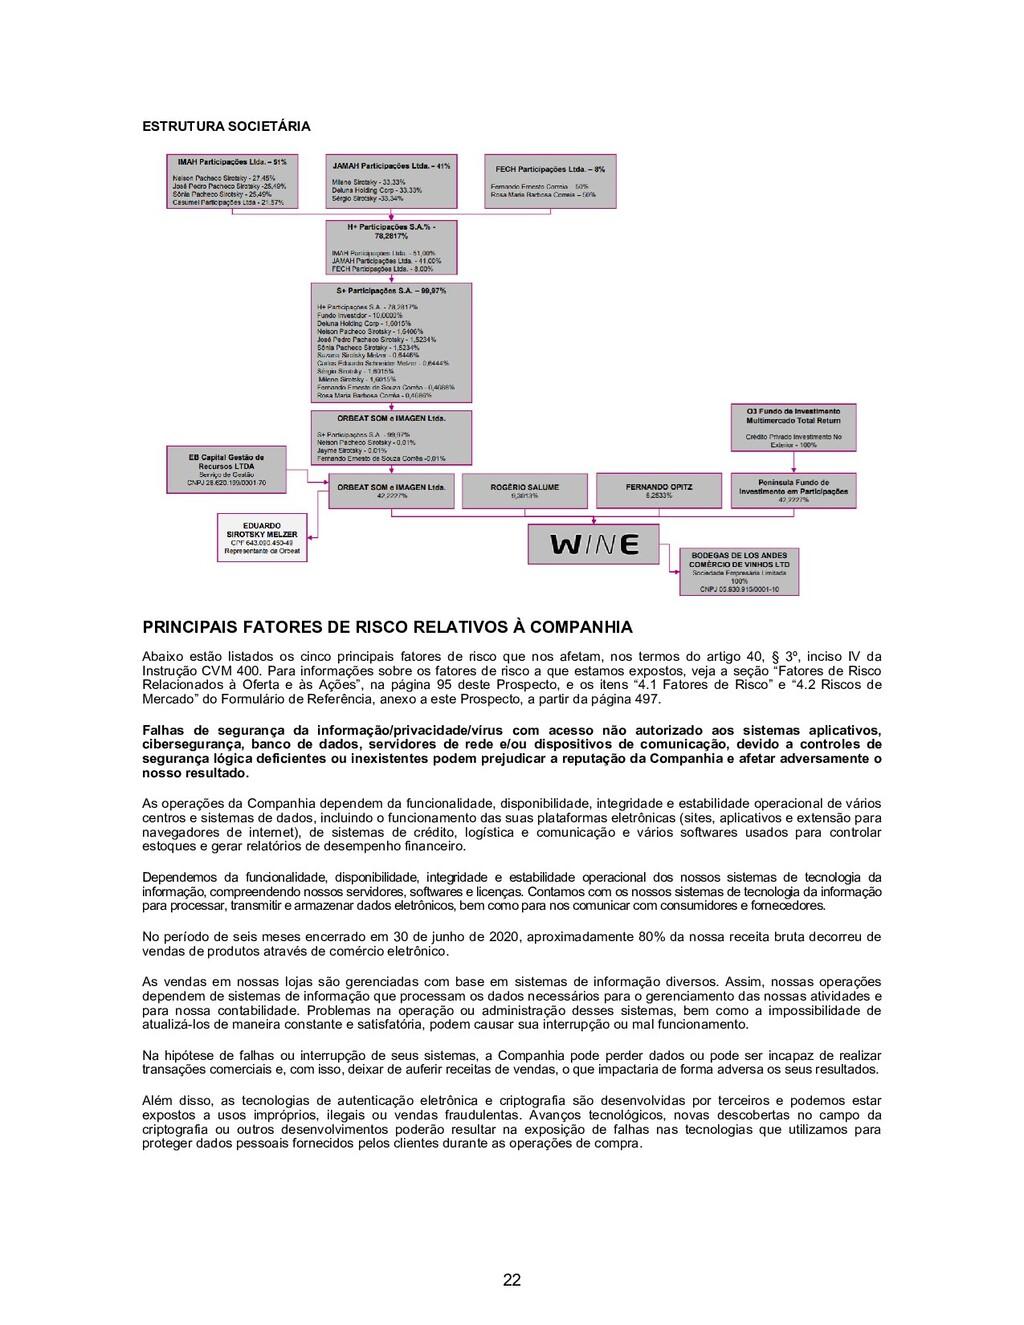 22 ESTRUTURA SOCIETÁRIA PRINCIPAIS FATORES DE R...